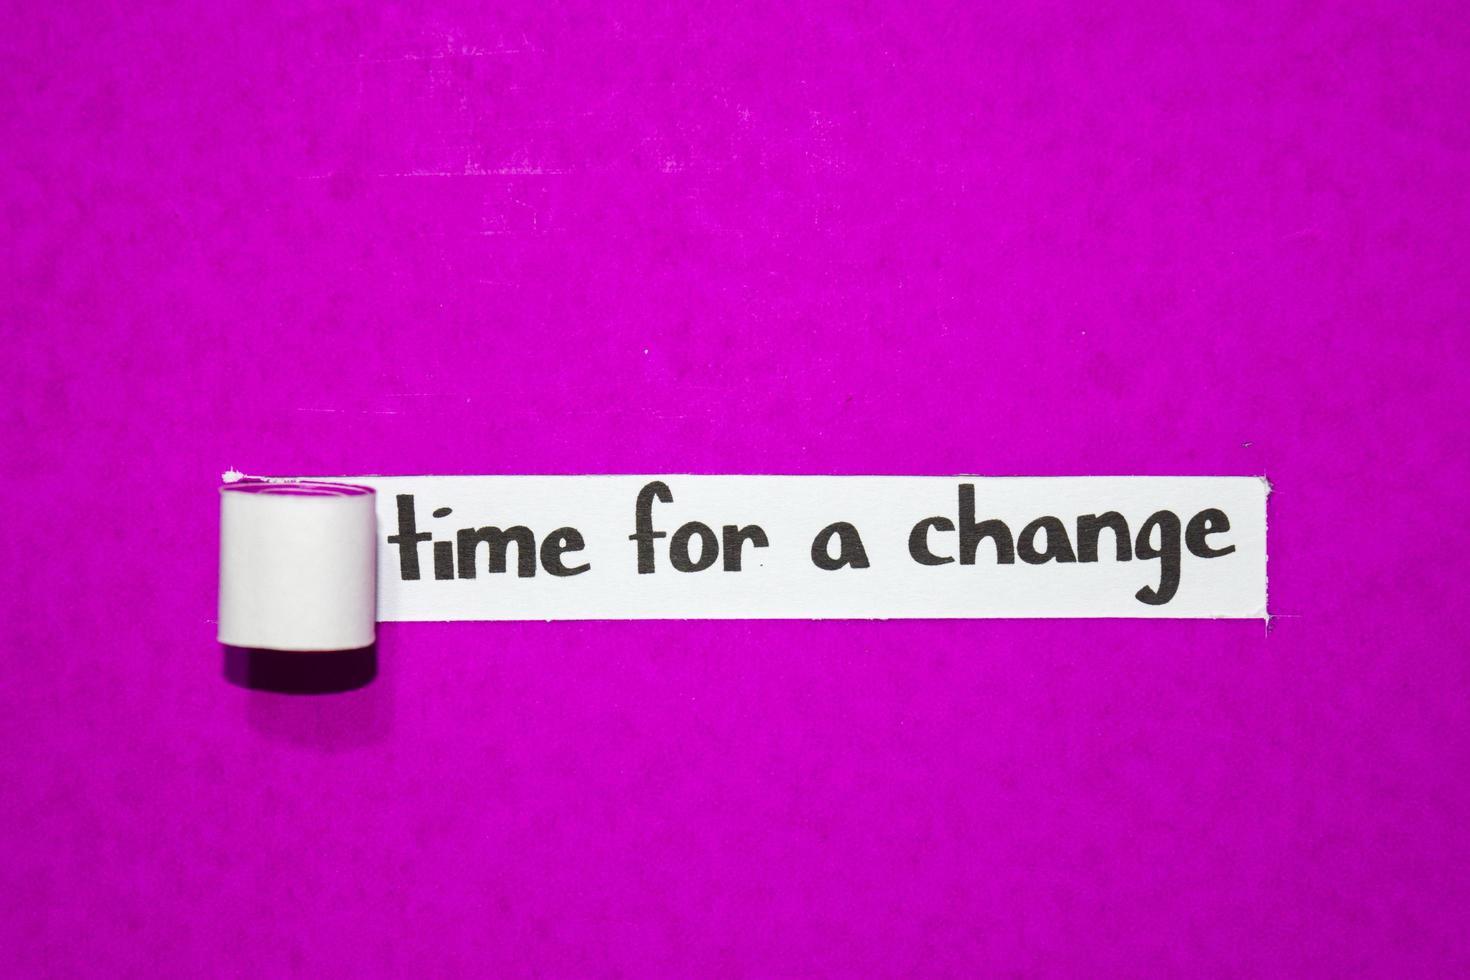 temps pour un texte de changement, inspiration, motivation et concept d'entreprise sur papier déchiré violet photo